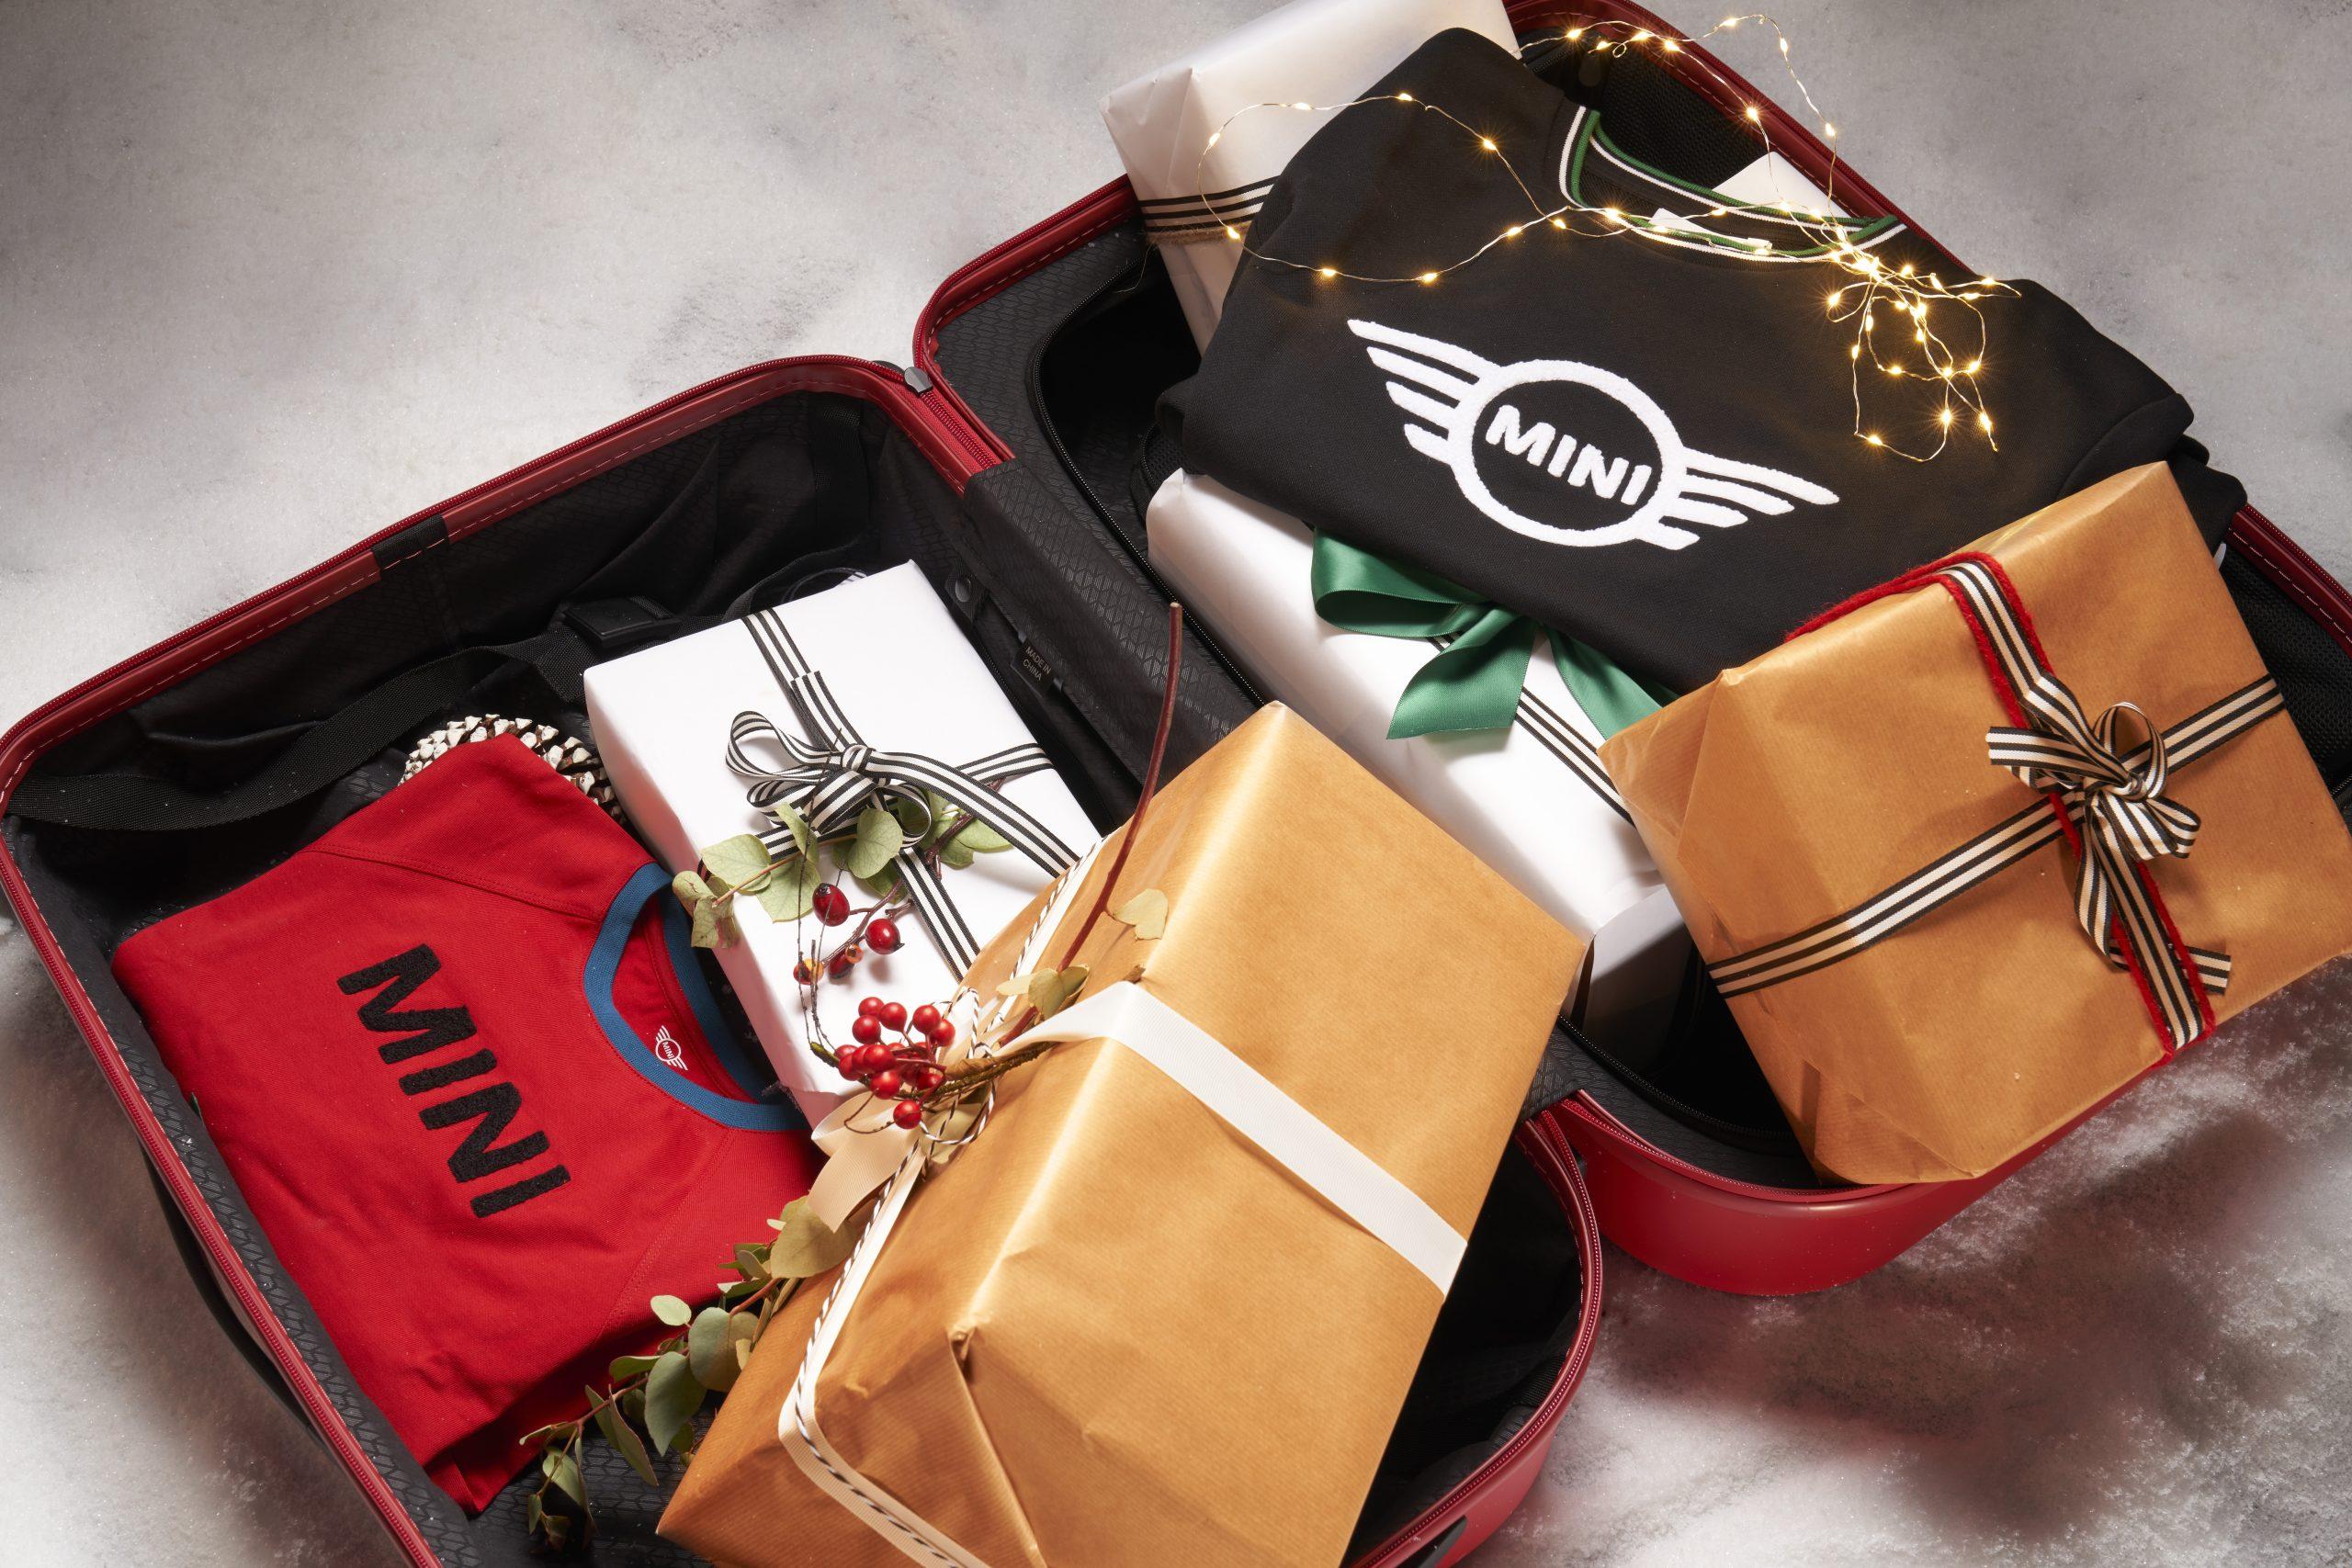 15% korting op geselecteerde MINI cadeaus in onze webshop